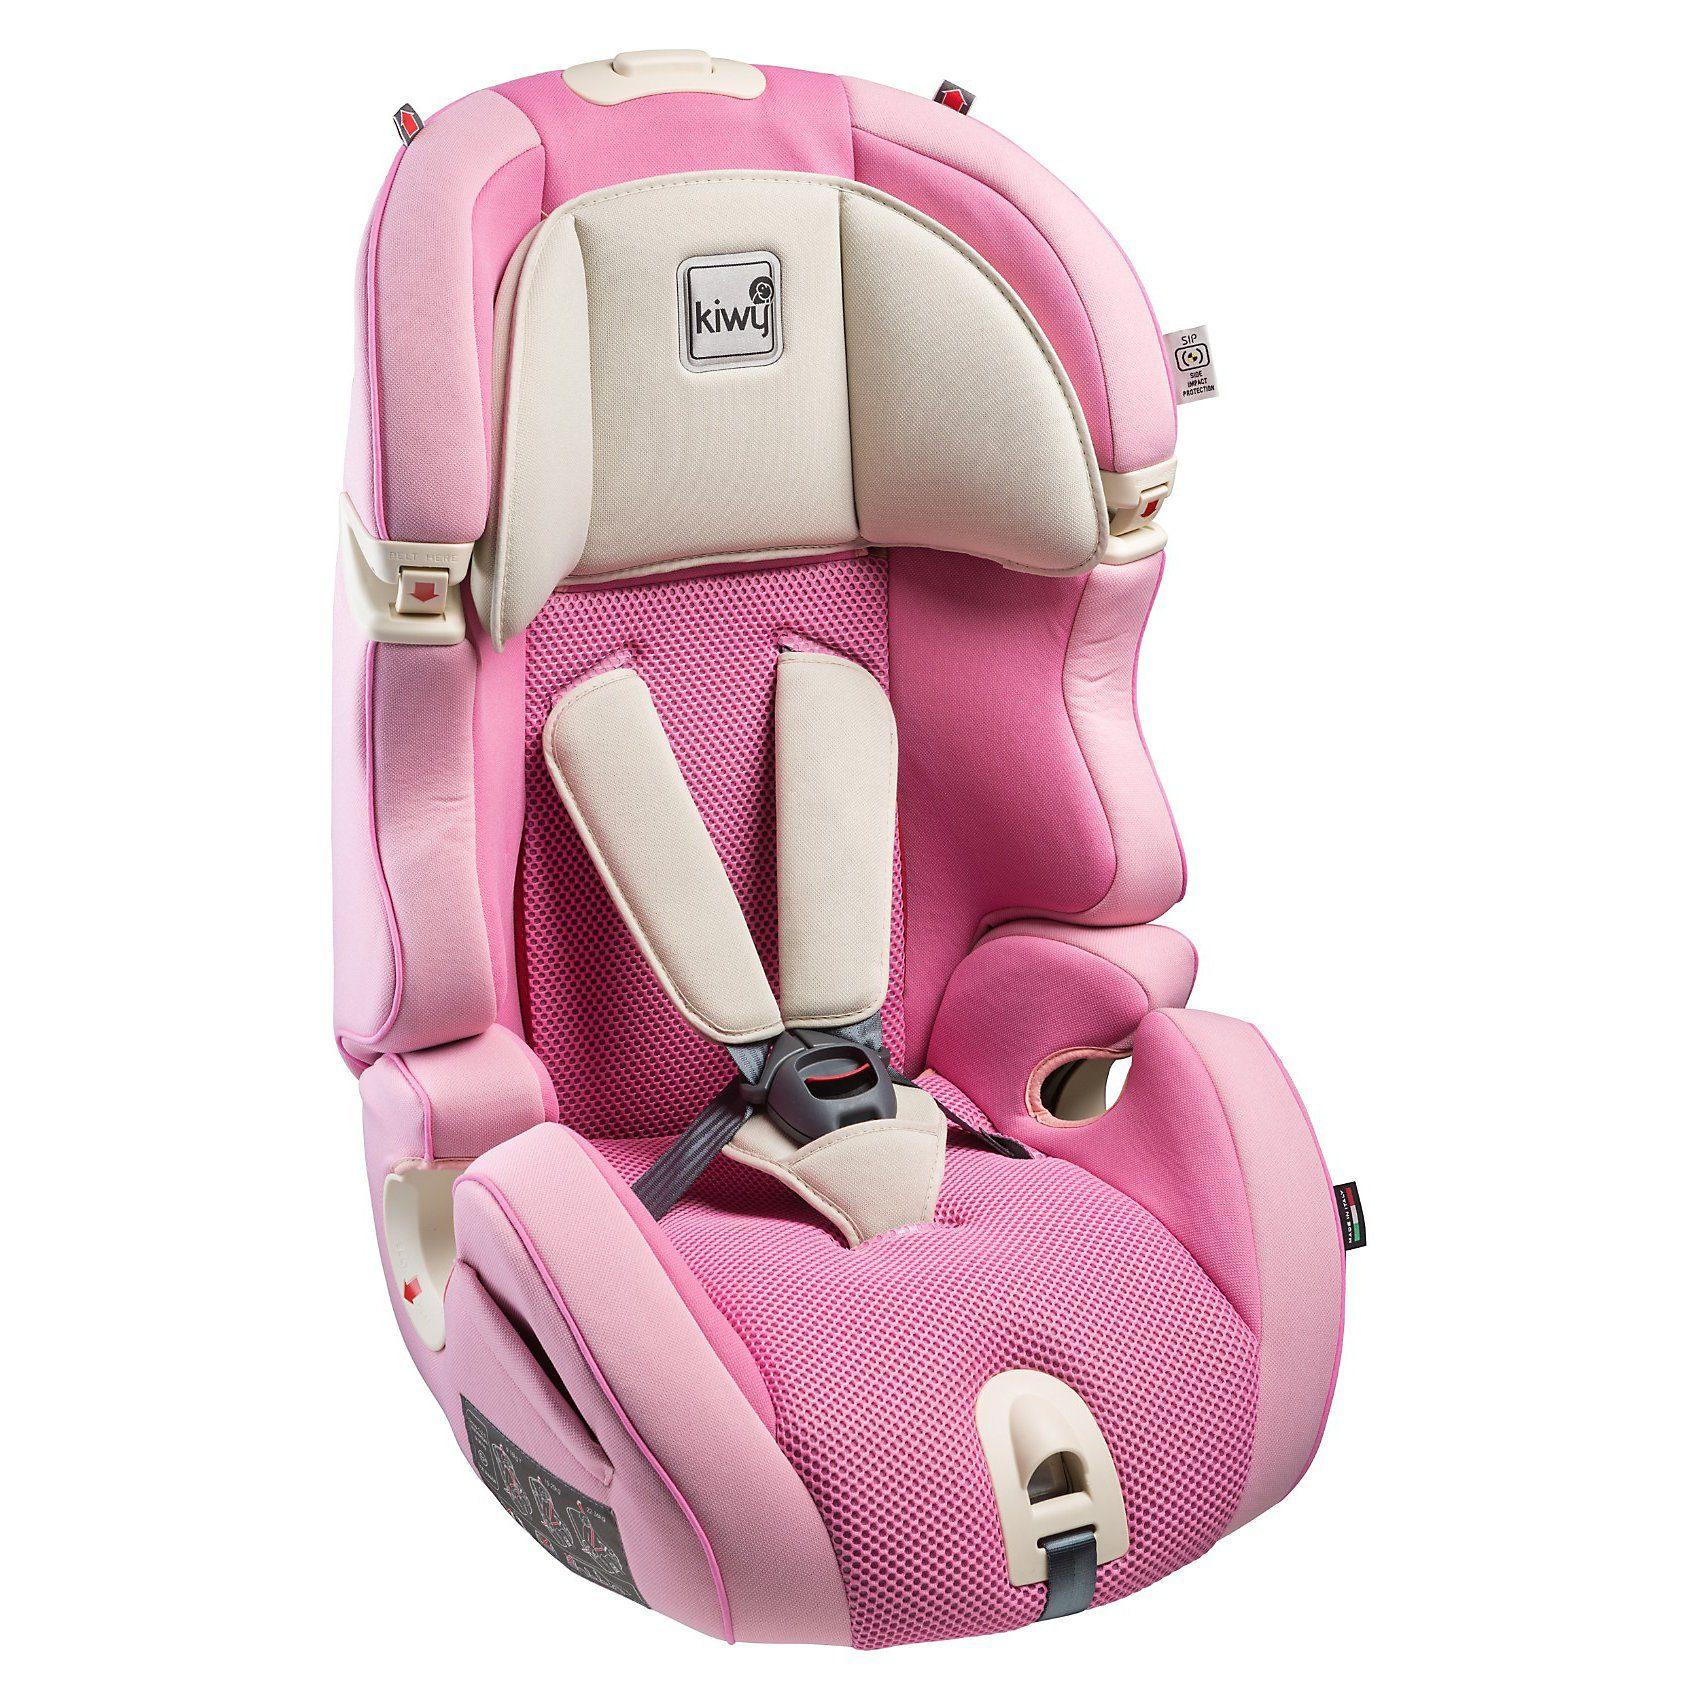 Kiwy Auto-Kindersitz S123, Candy, 2016